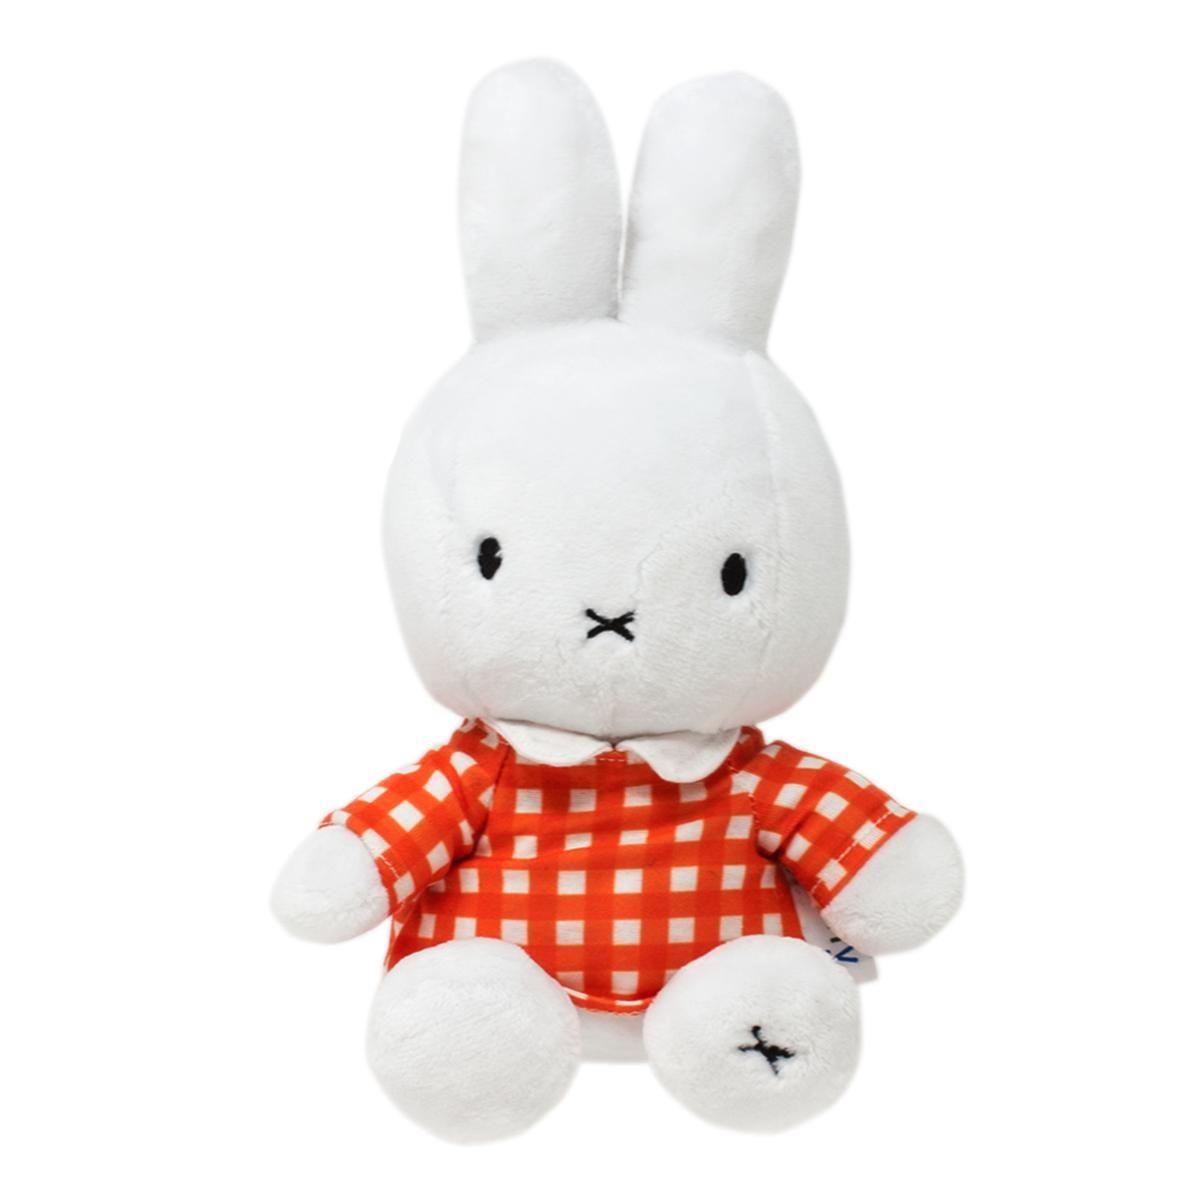 Classic Miffy Fashion Orange Soft Toy 22cm by Rainbow Designs MF1458OR